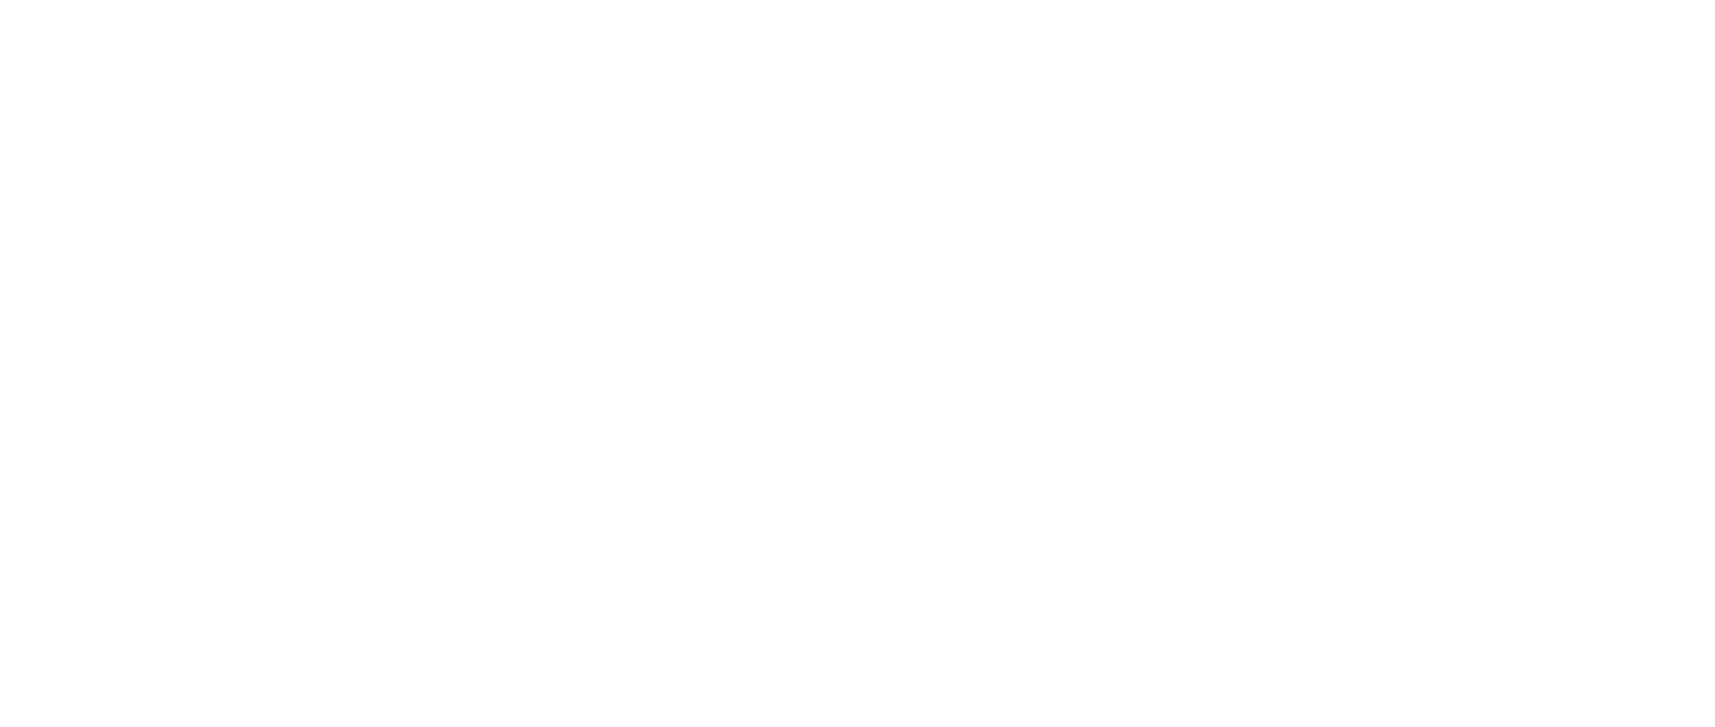 logo 99% white